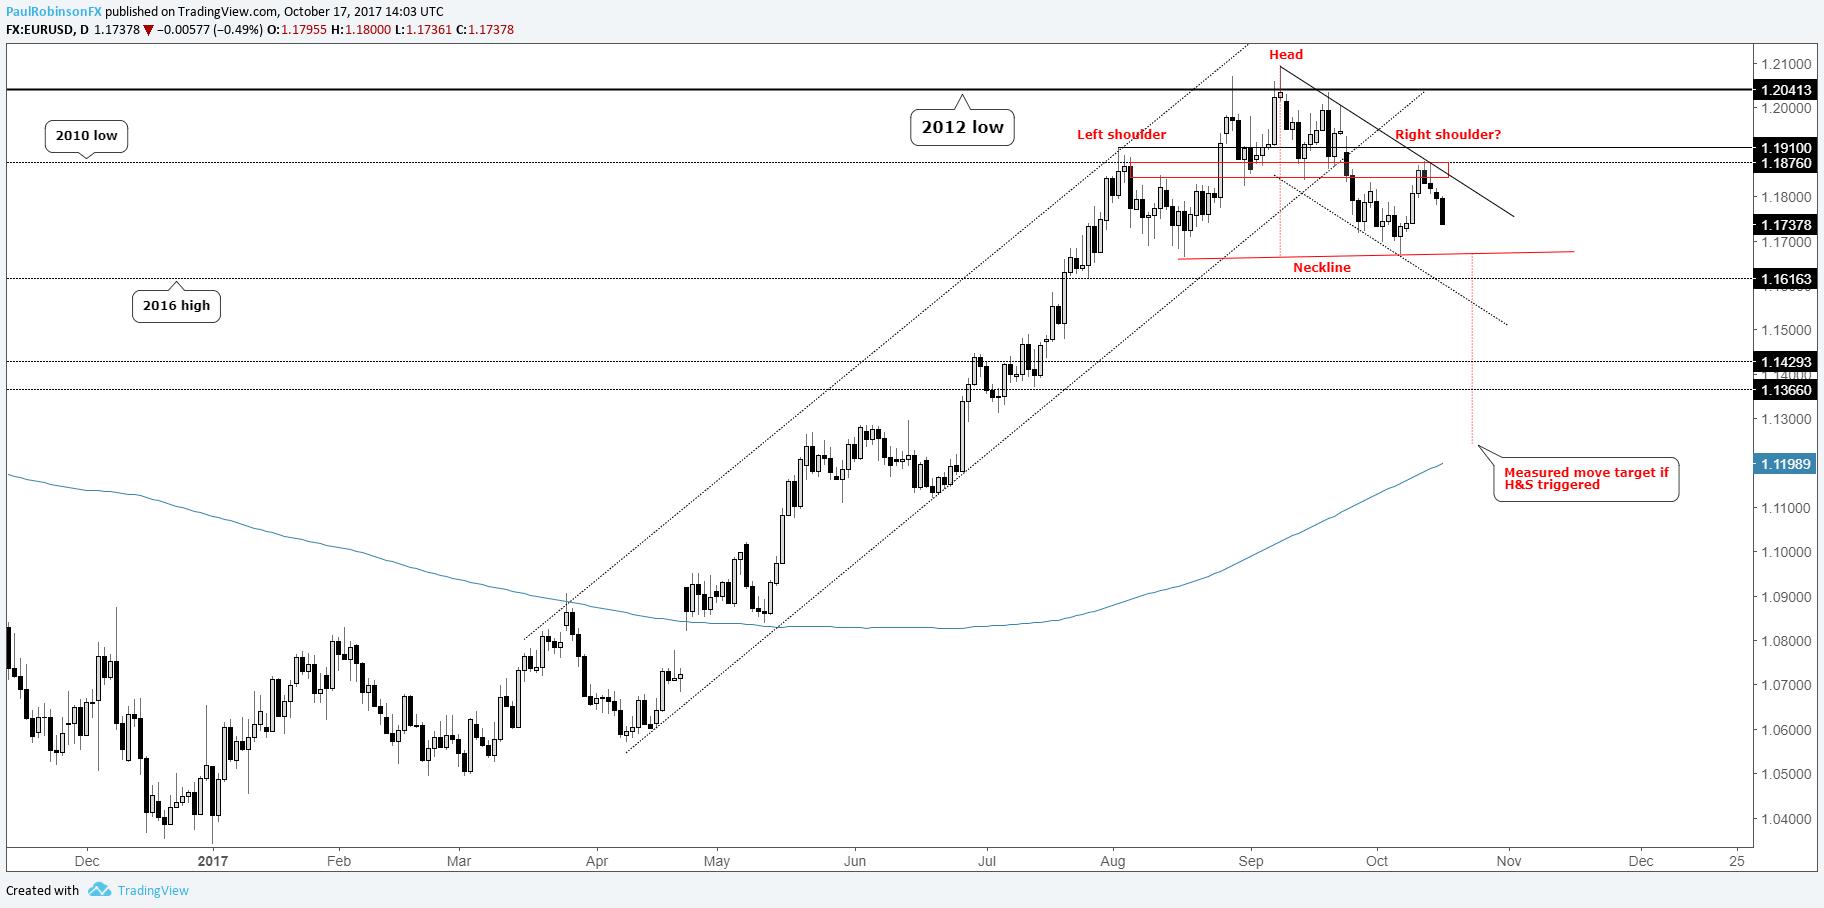 La paire de devises EUR/USD se maintient au-dessus de la